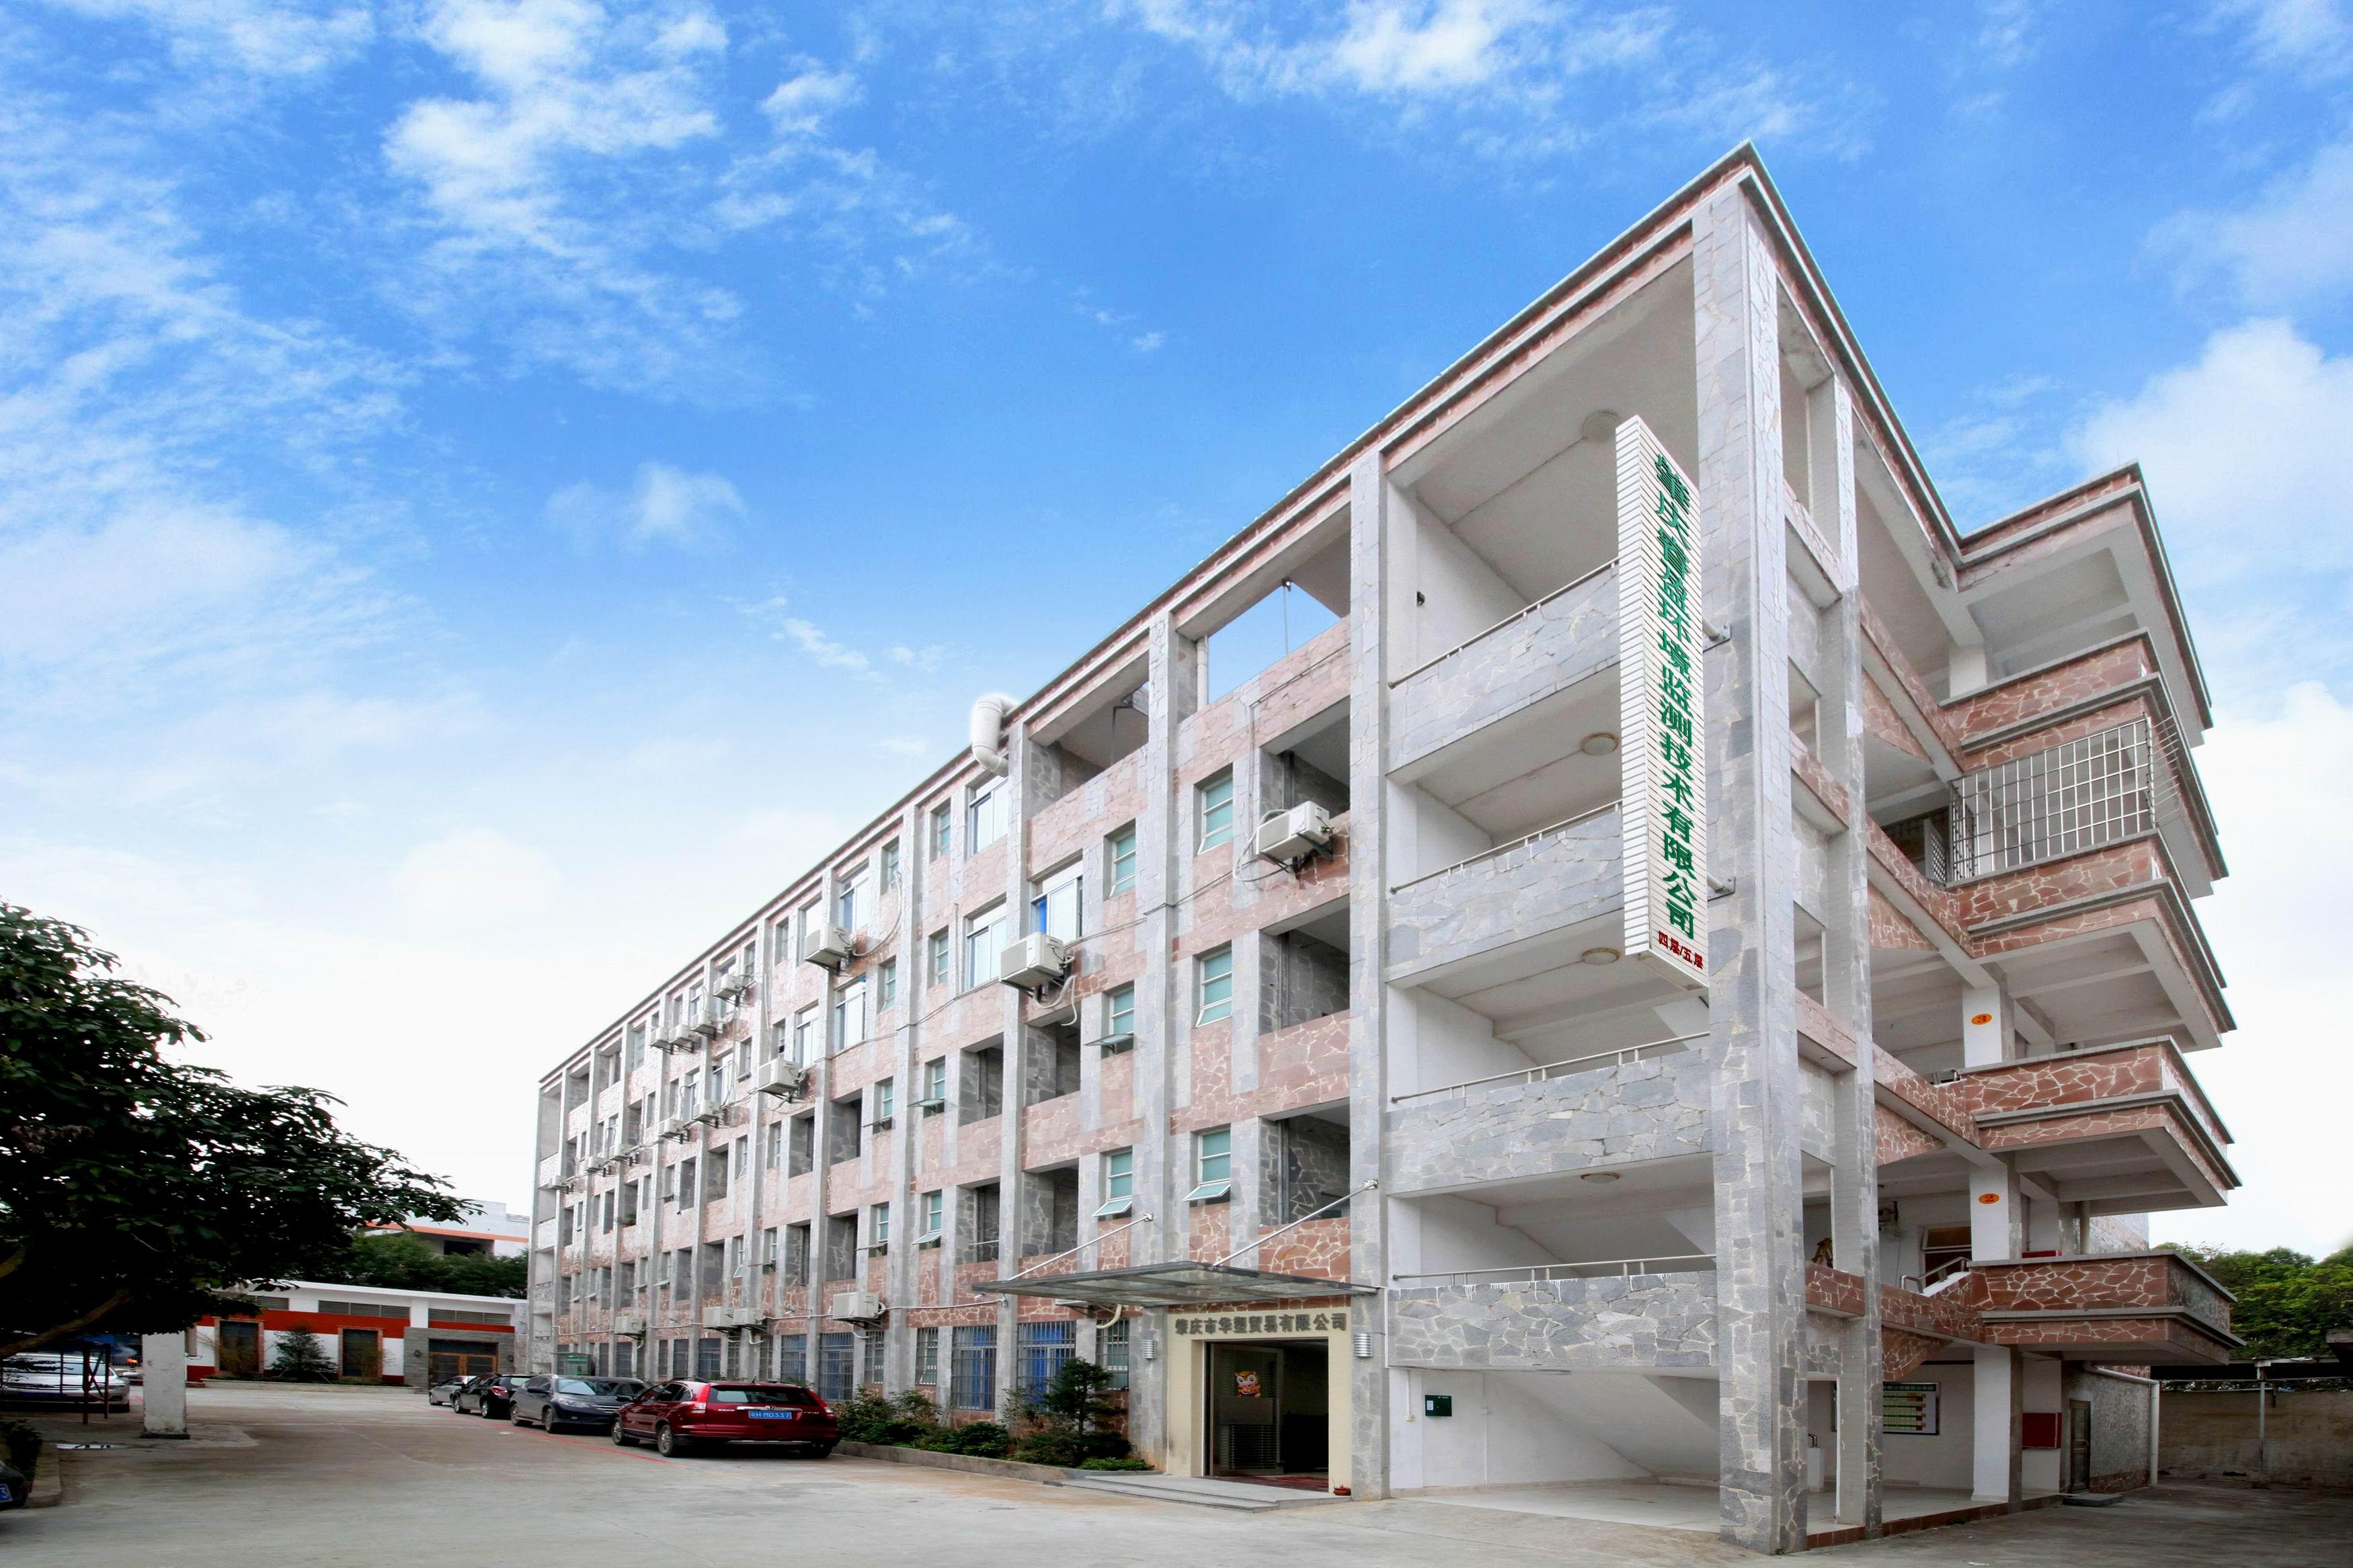 2013年肇慶睿盈環境監測技術有限公司正式掛牌成立。